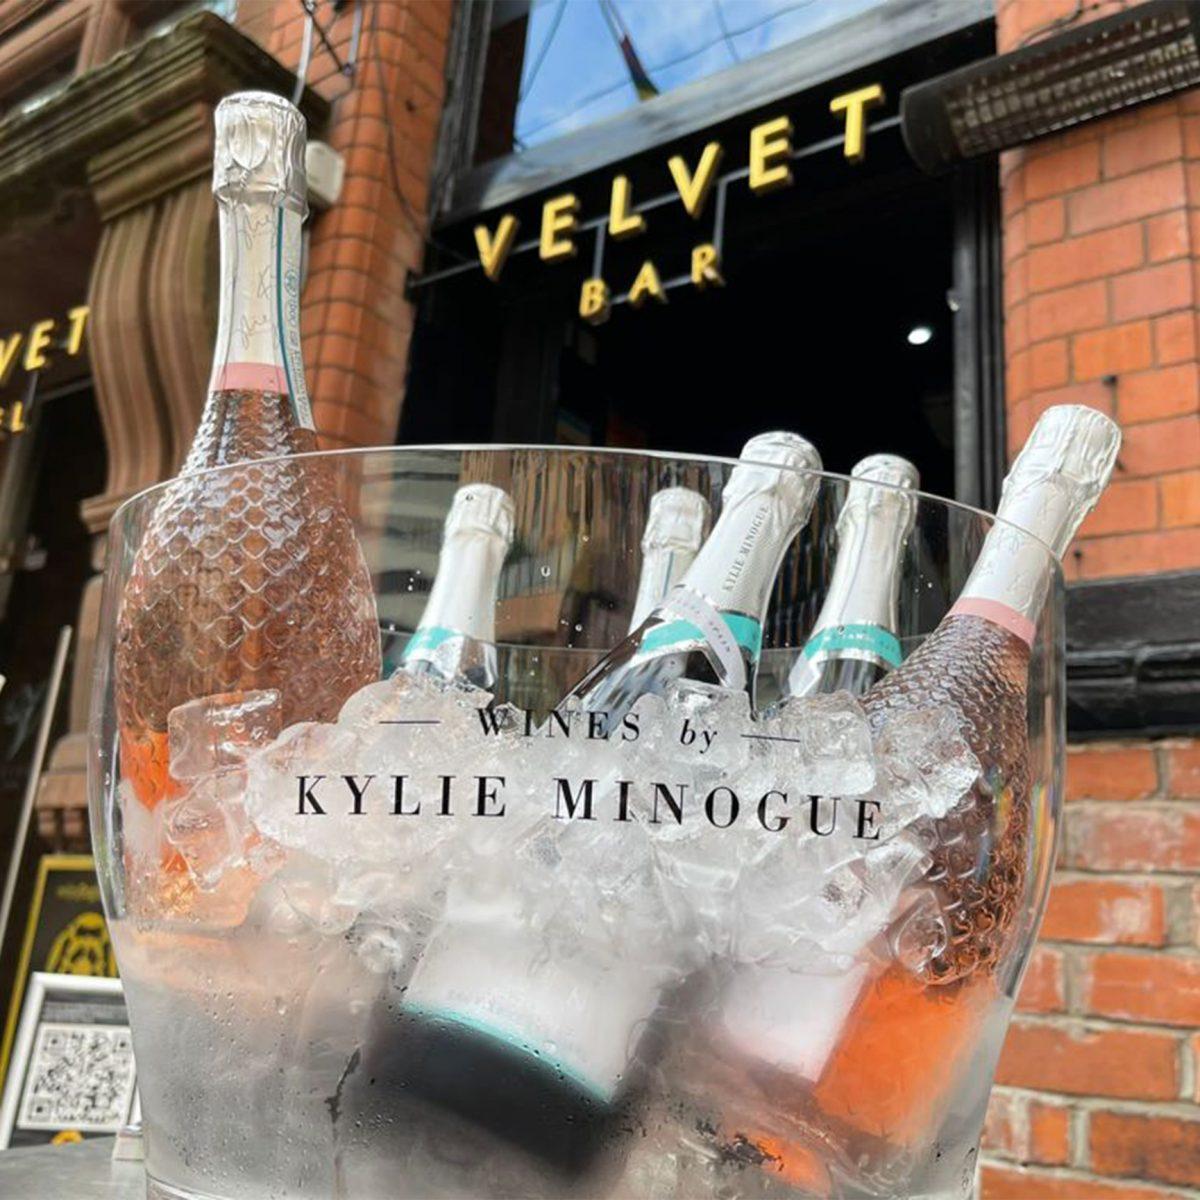 KMW Velvet bar jpg